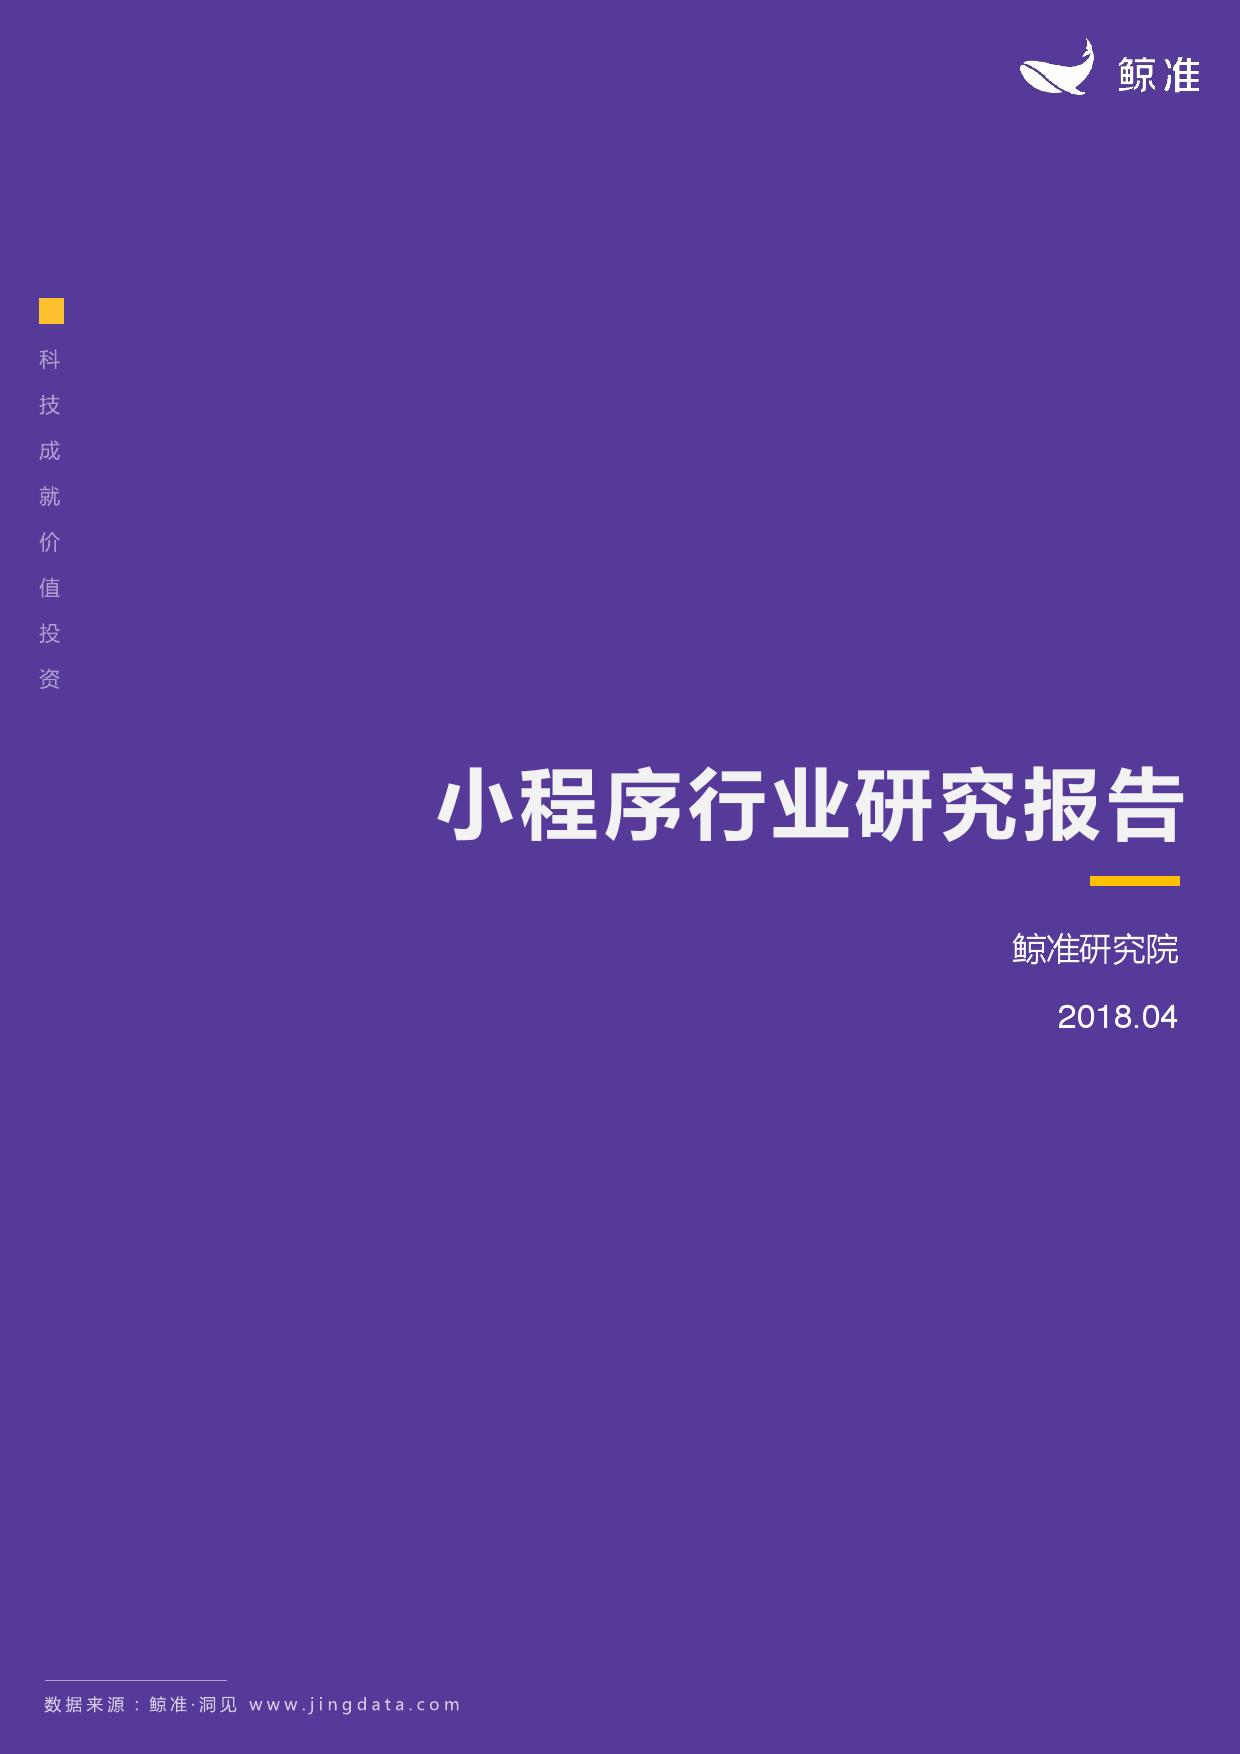 鲸准研究院:2018年小程序行业研究报告(附下载)